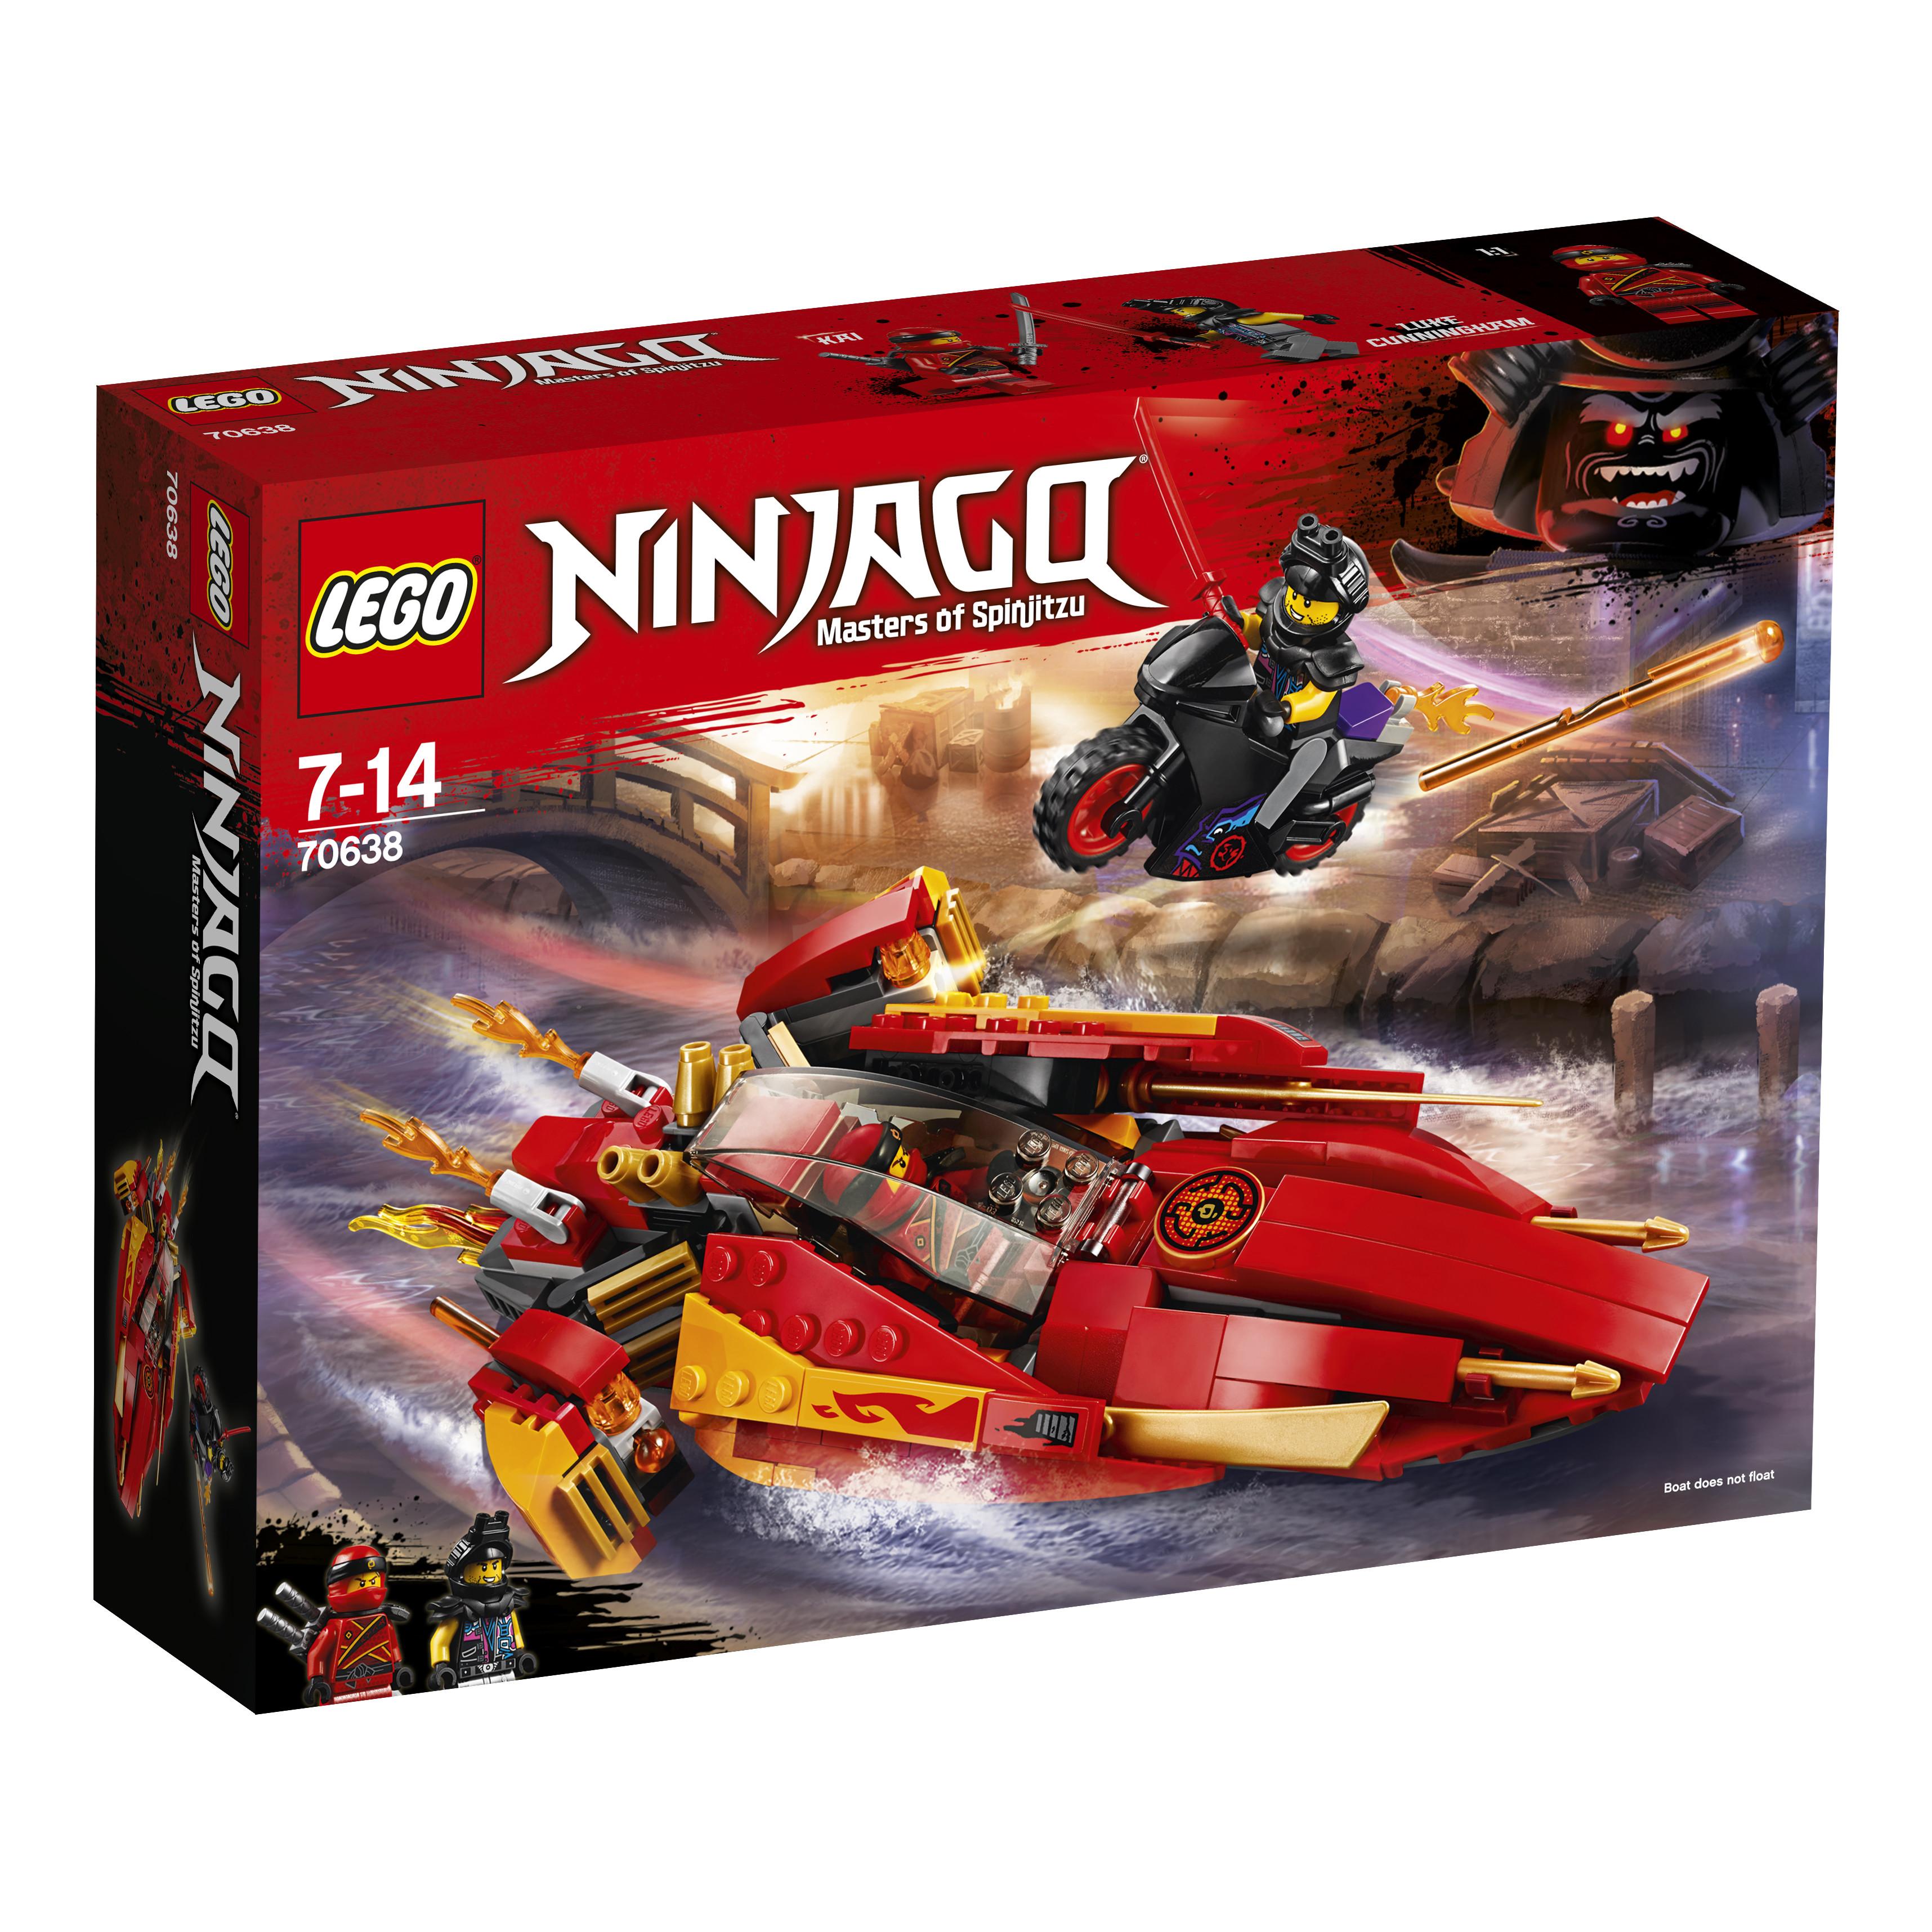 Купить LEGO, Ninjago 70638 Катана V11, Чешская республика